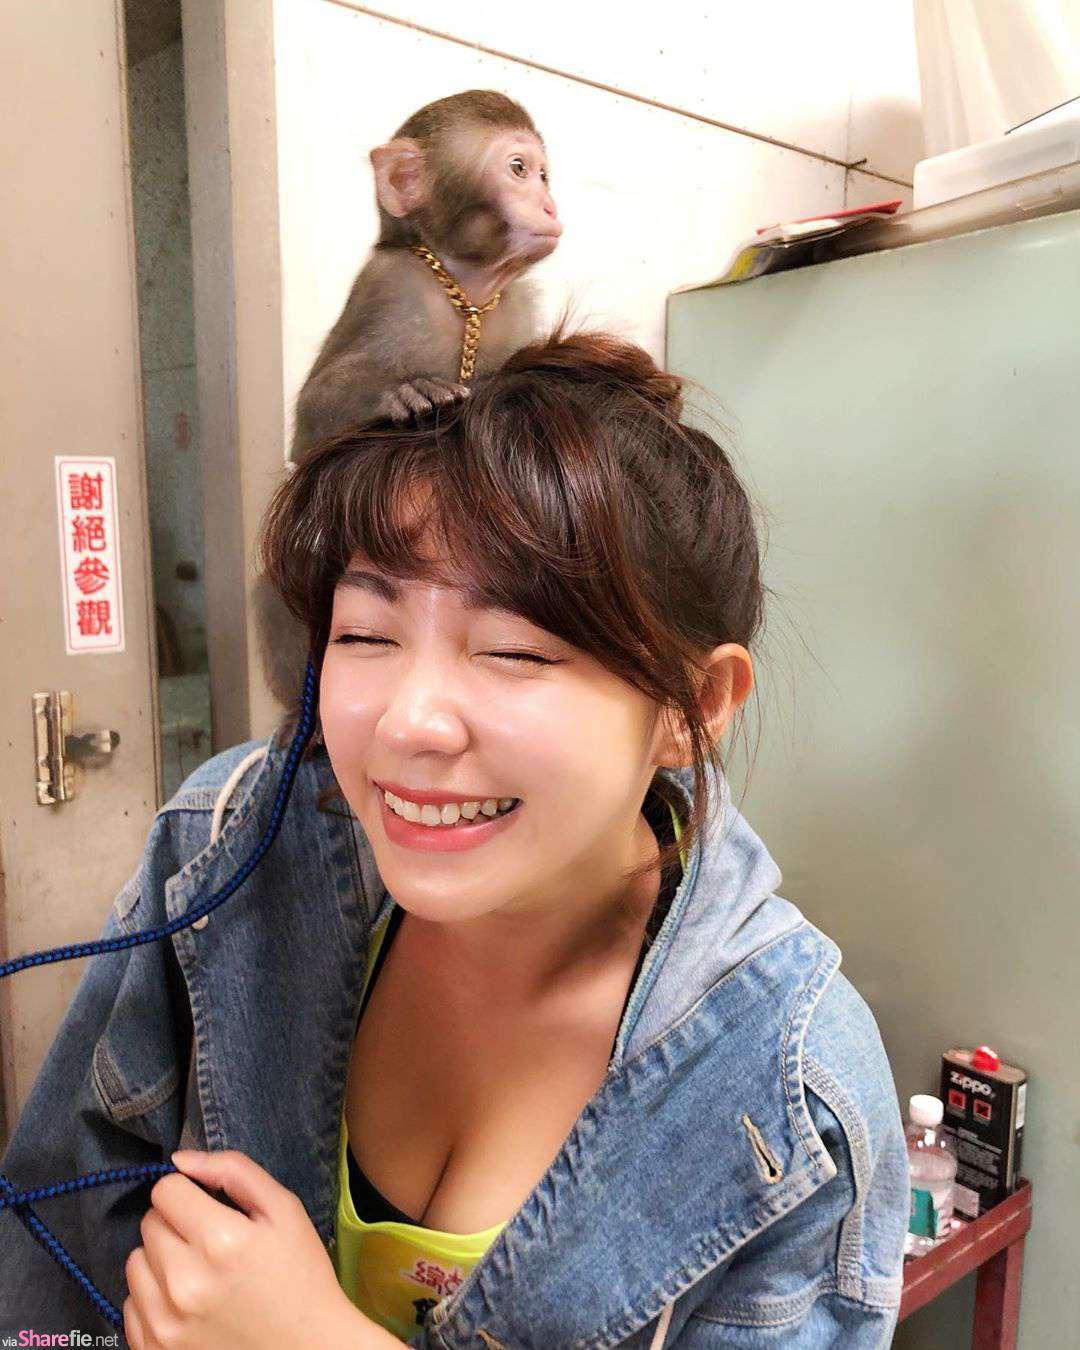 正妹智希与小猴子合照,网友:这猴子在摸哪里啊!